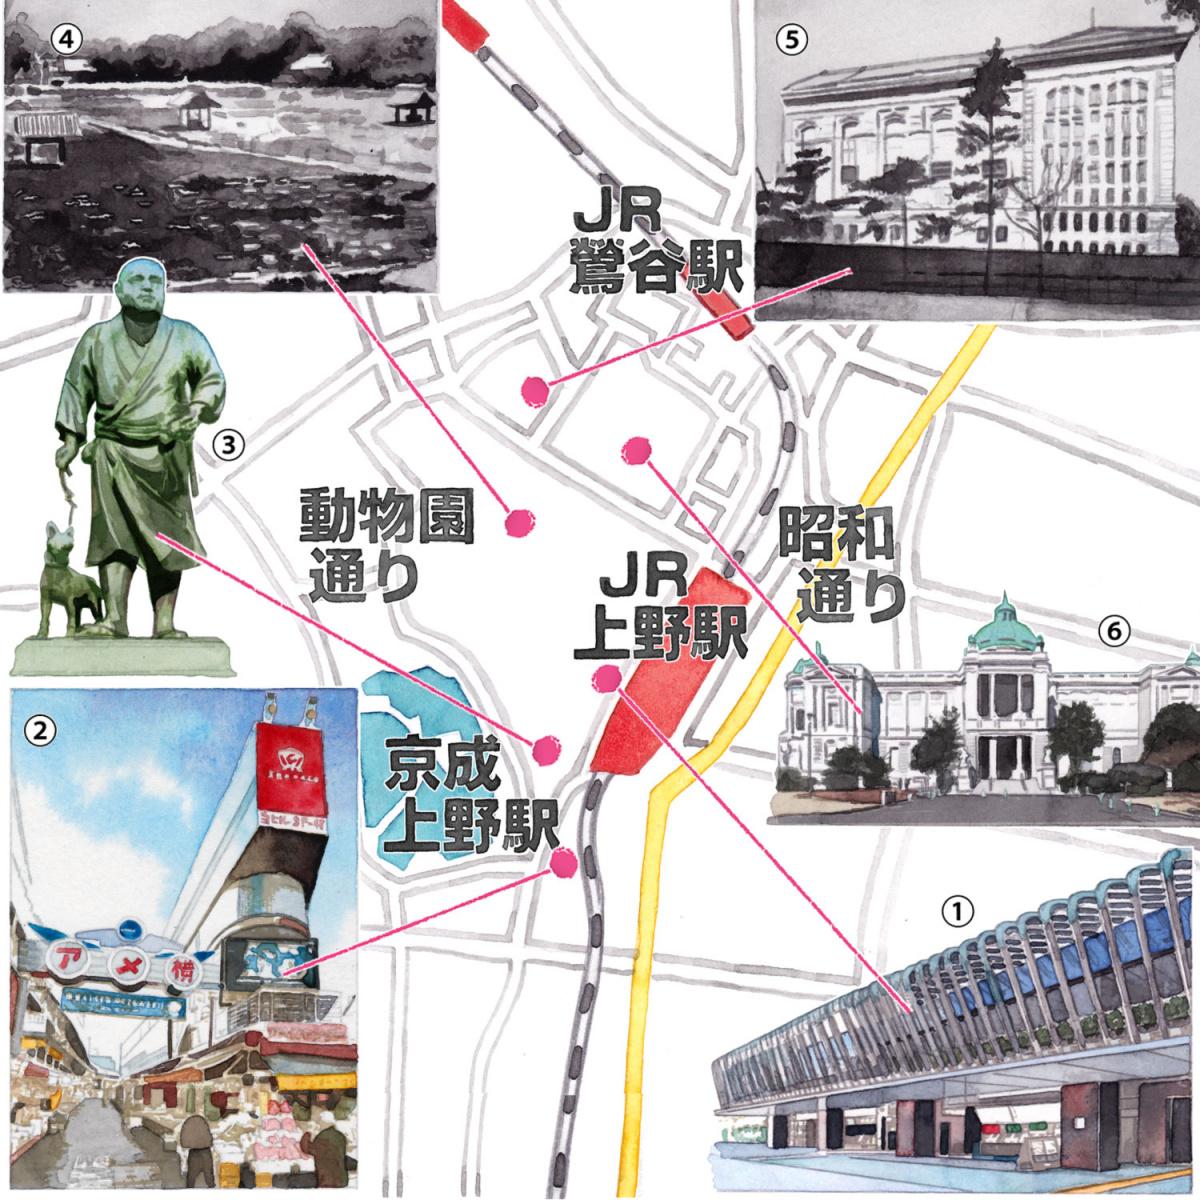 新宿や渋谷に移っていった、東京の重心。